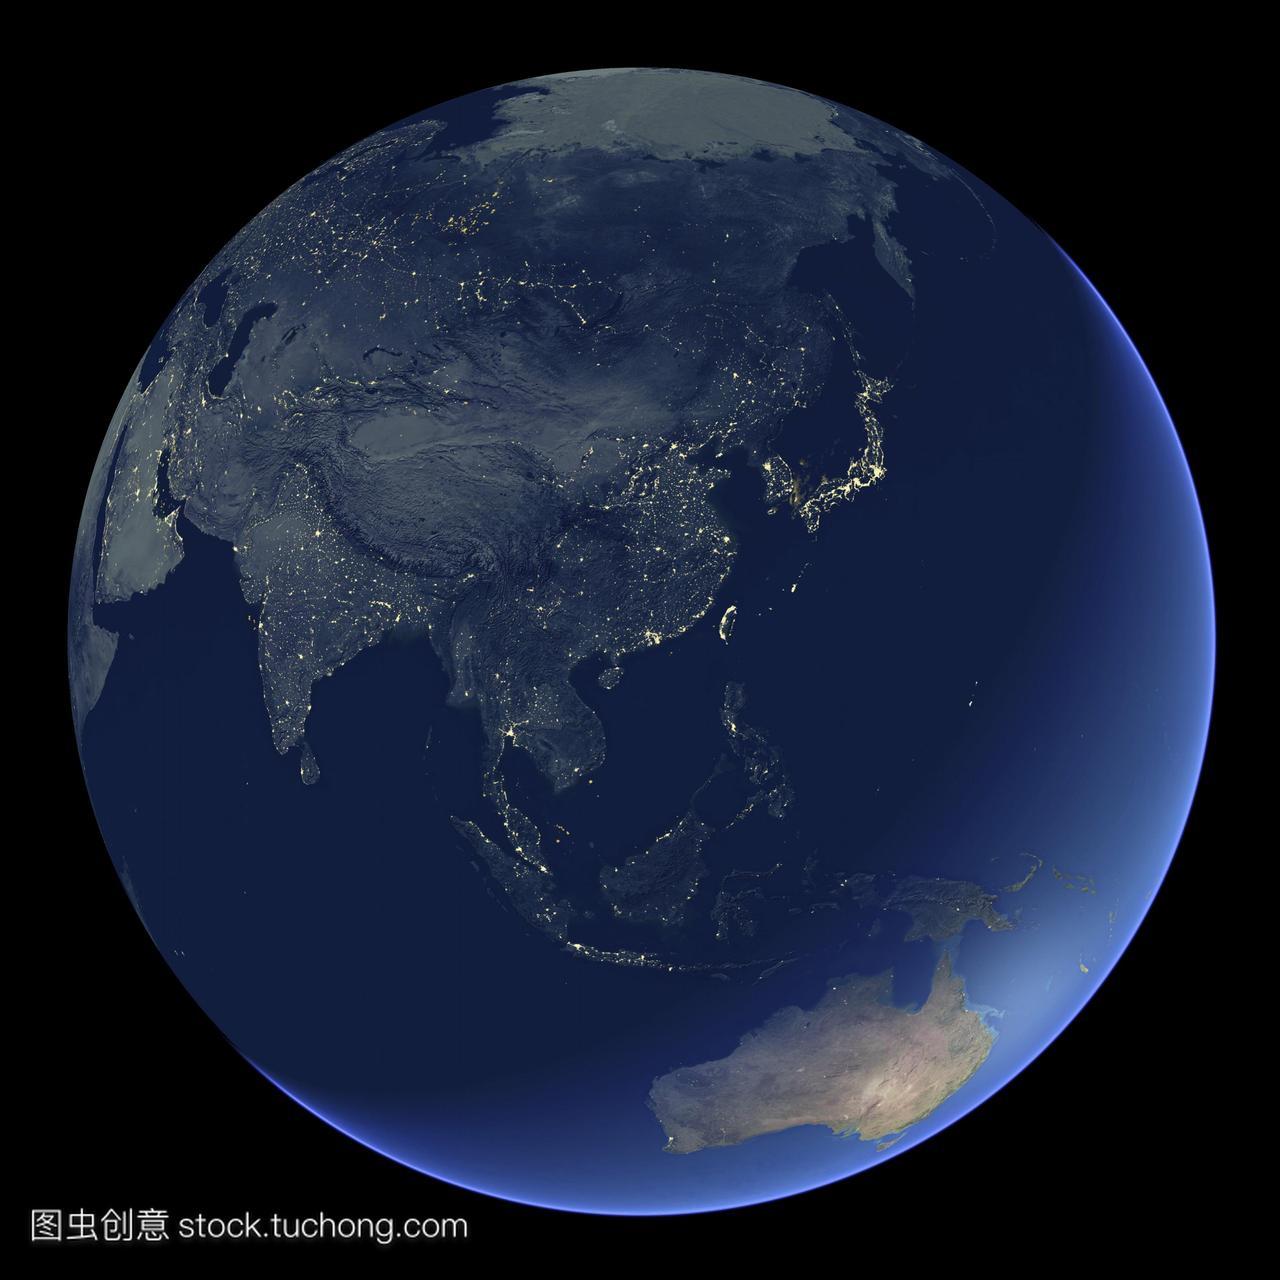 晚上东亚。卫星图像在夜间,以中国为中心。城